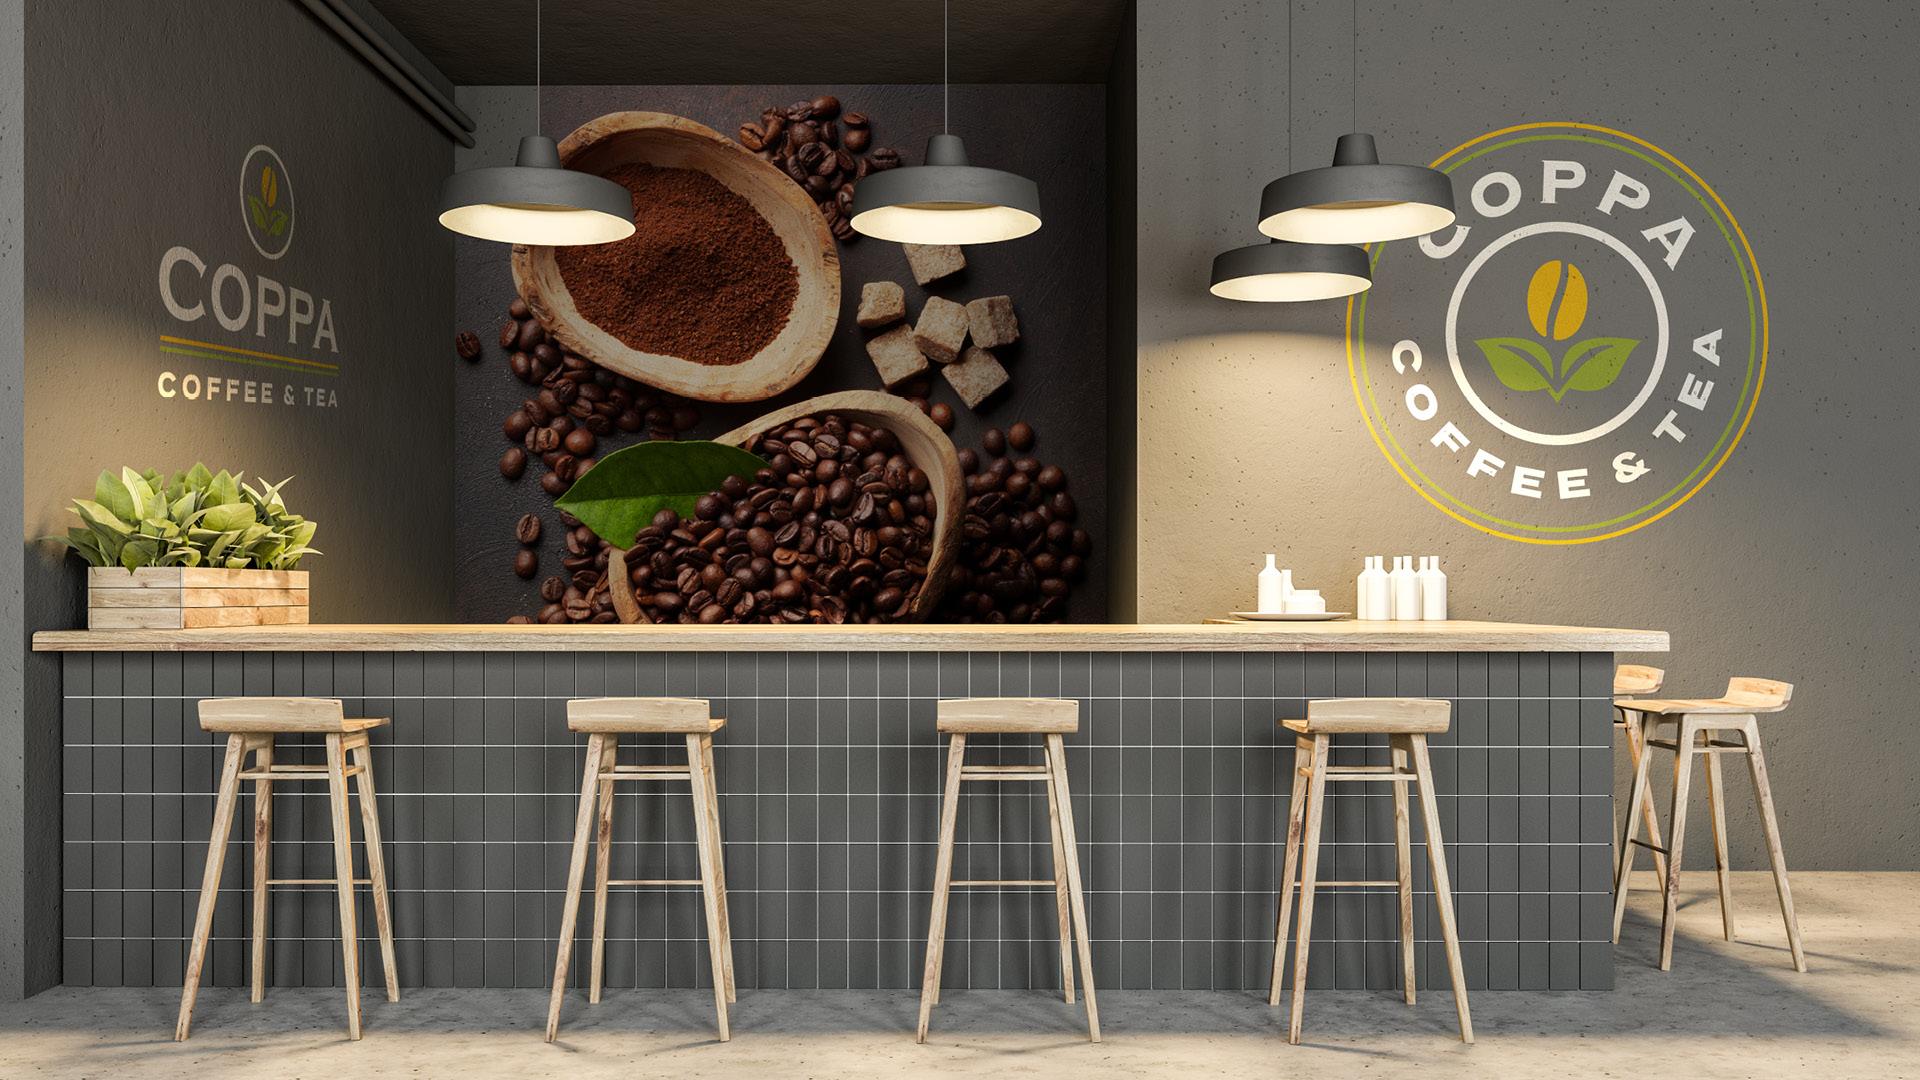 Coppa Coffee and Tea8.jpg